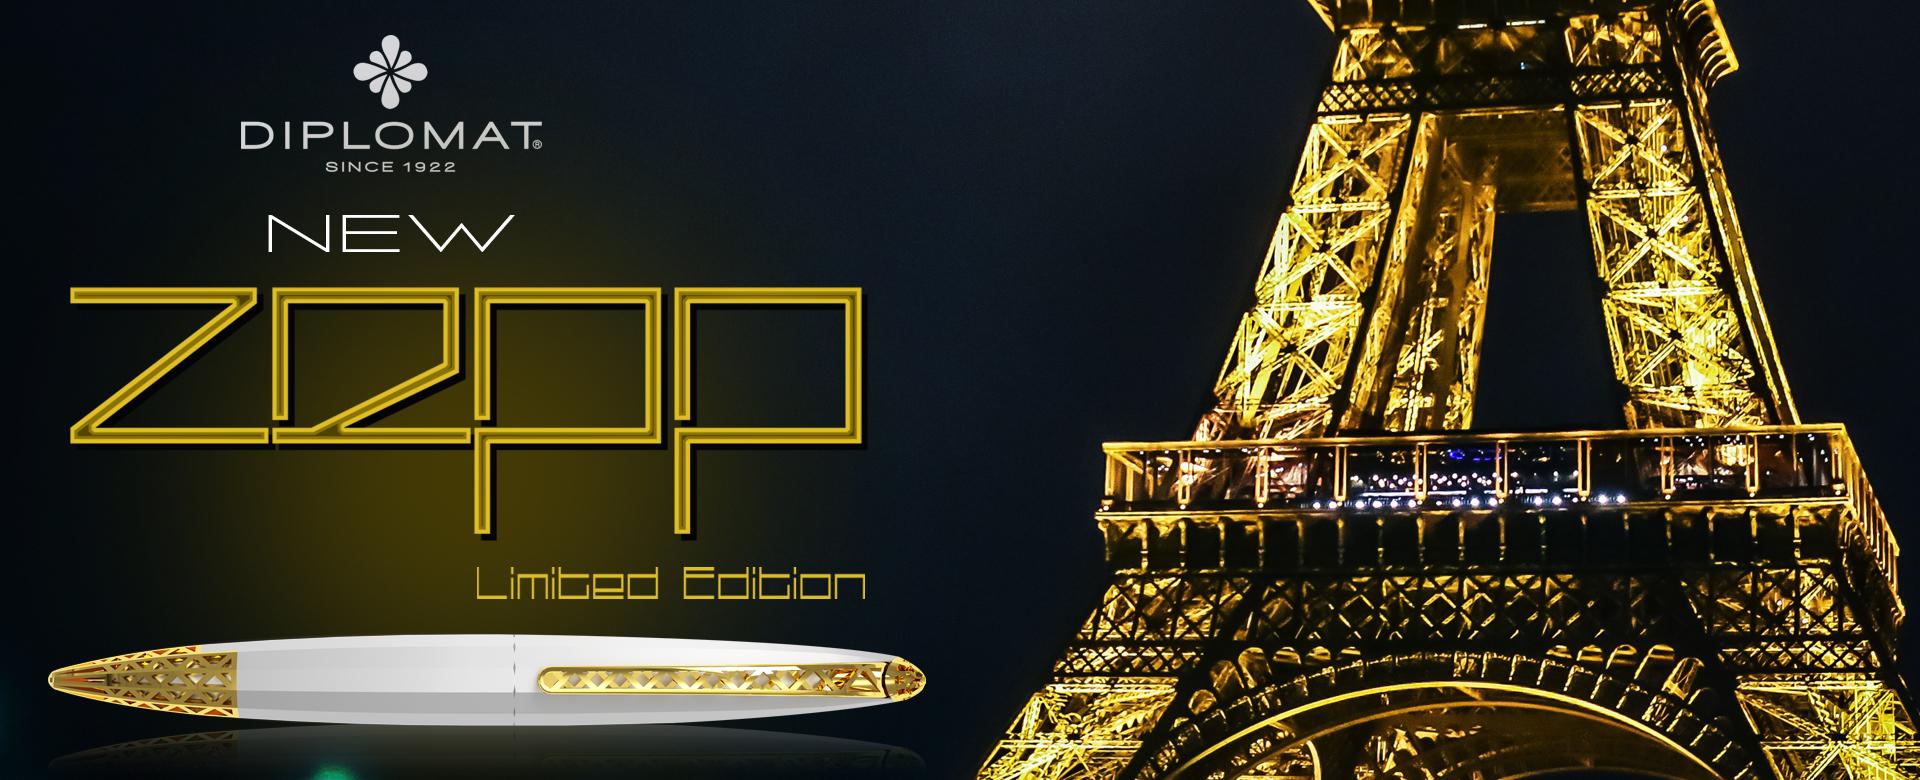 zepp-banner.jpg